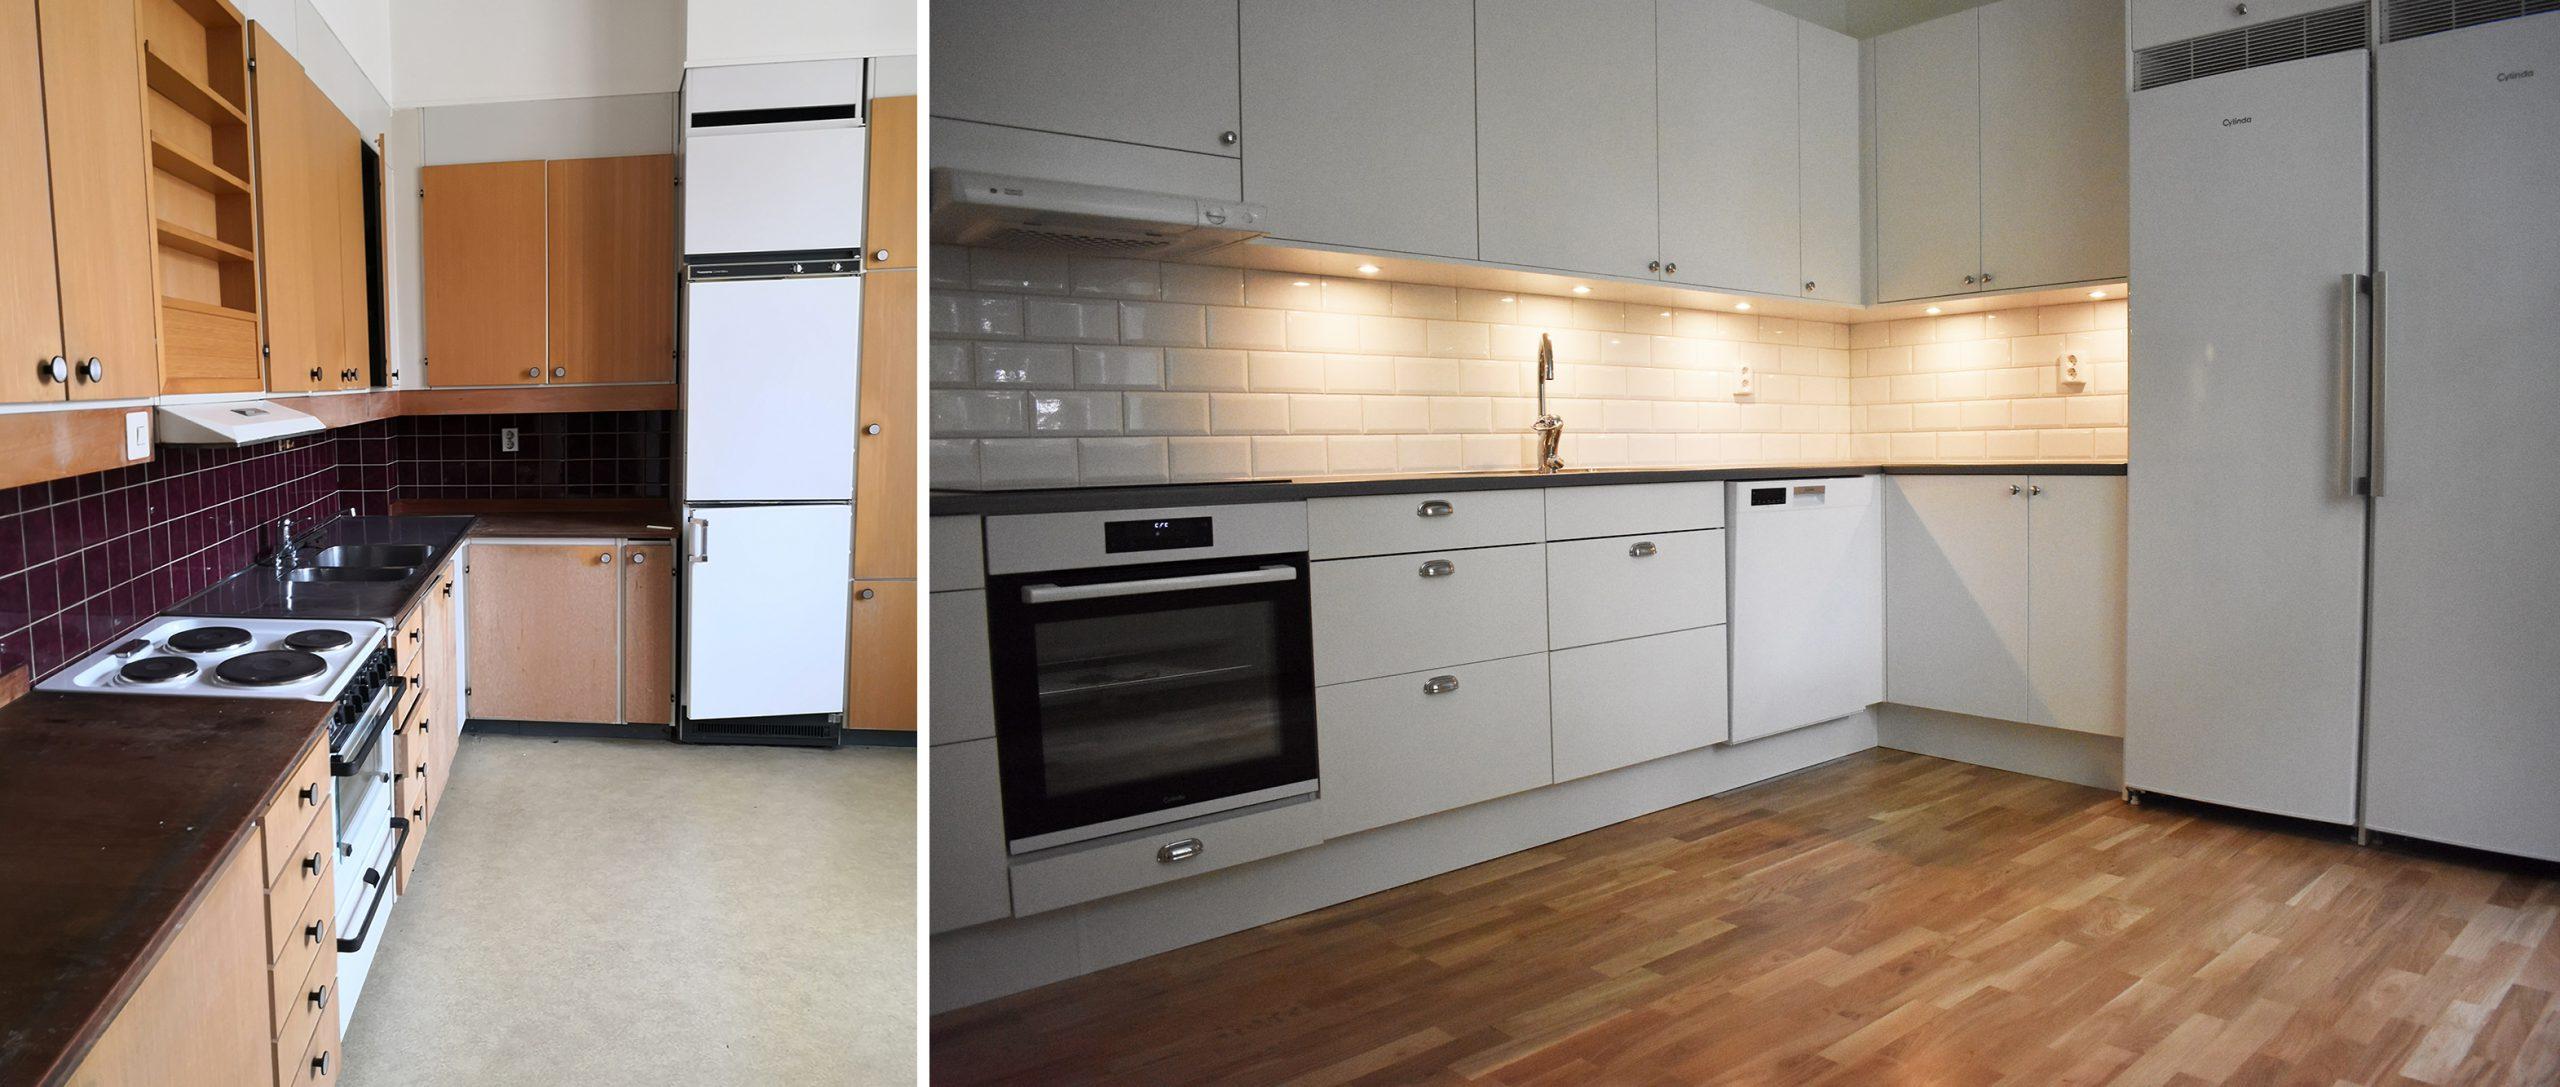 Kök före och efter renovering.